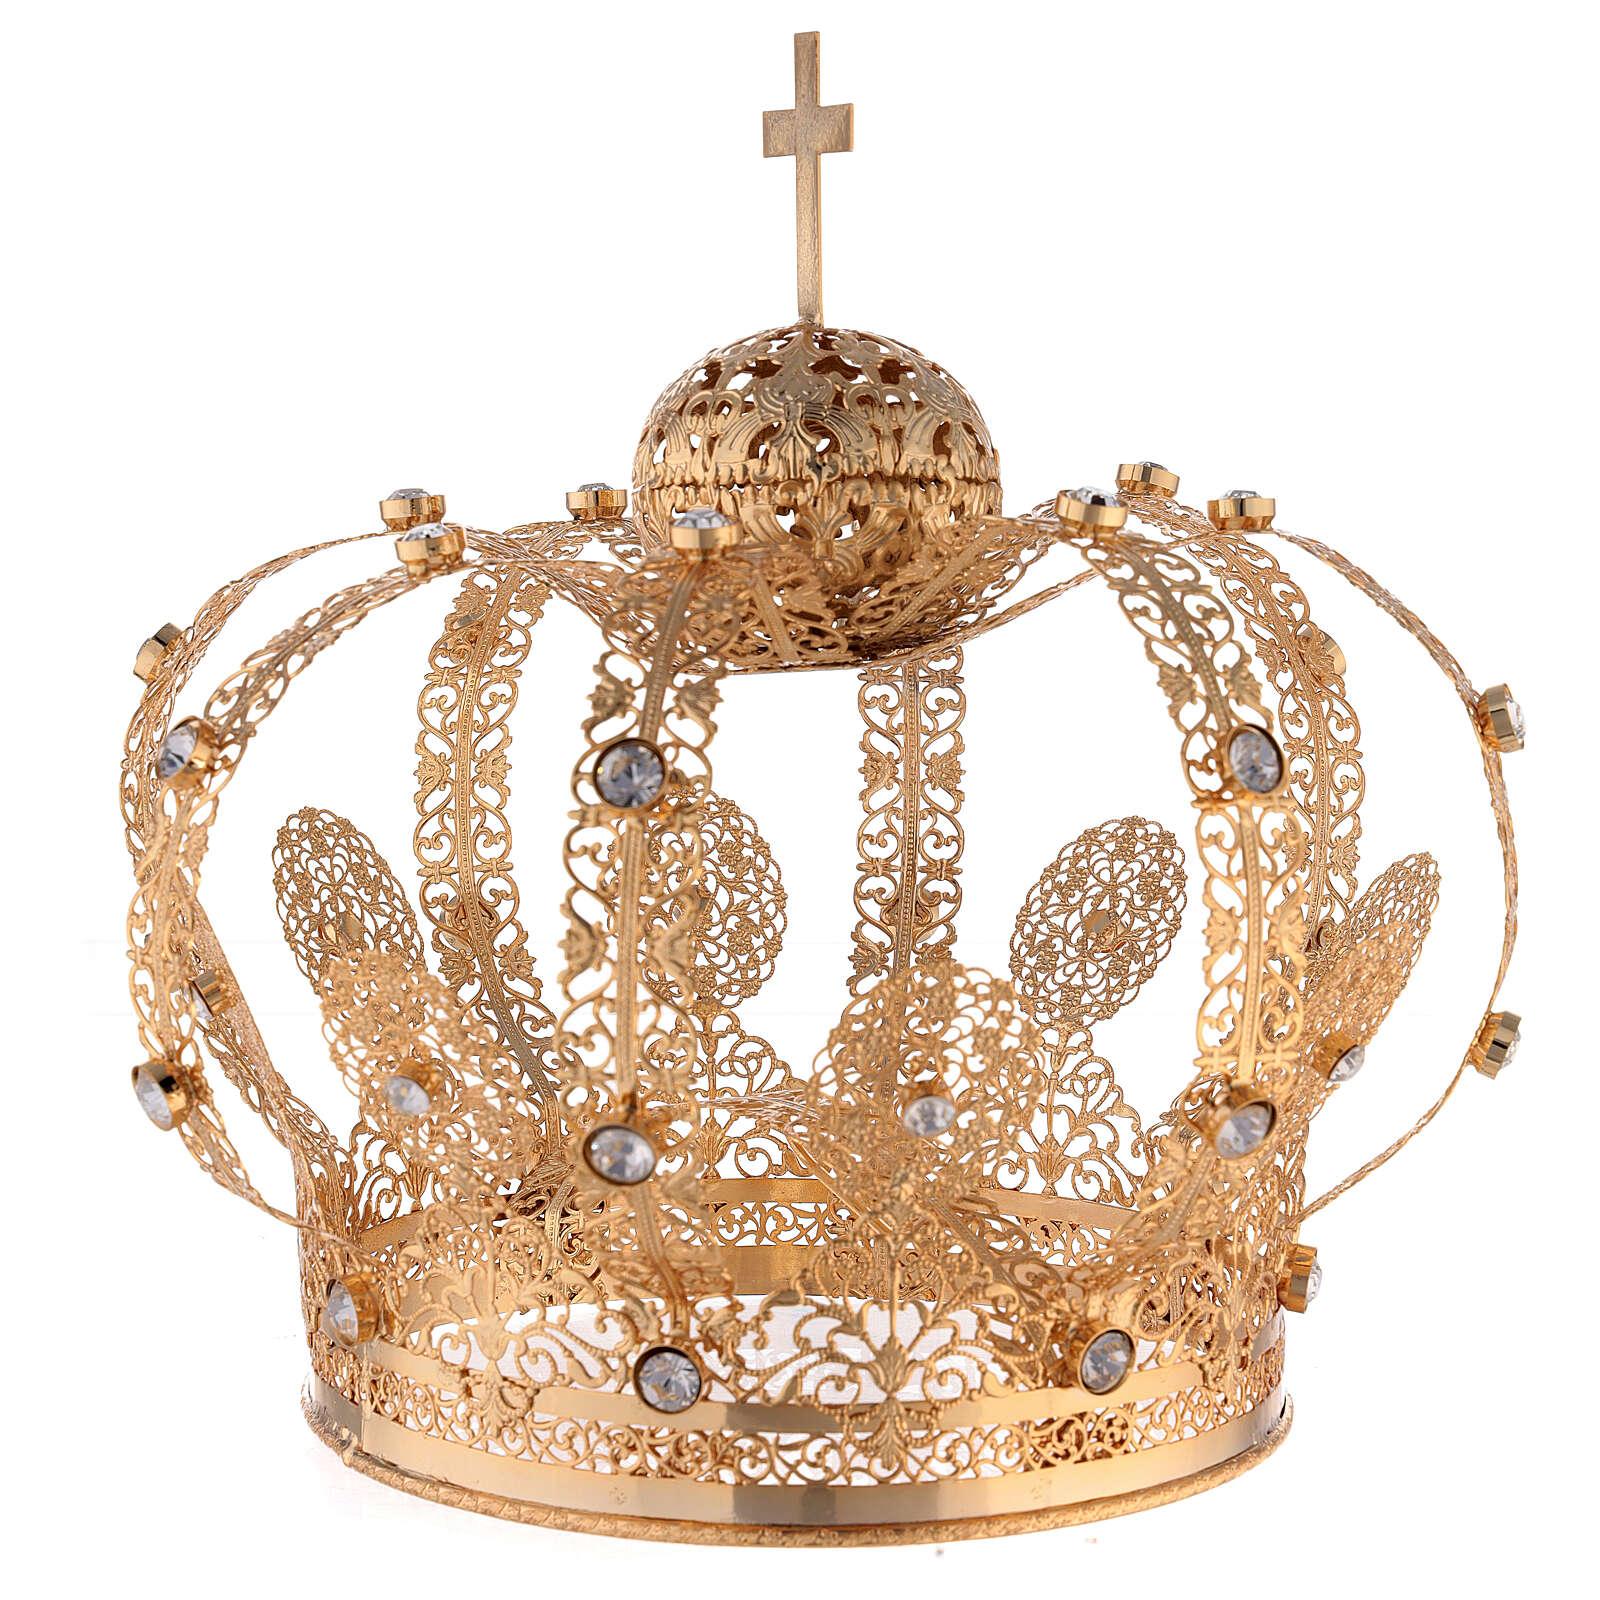 Corona Latón dorado para Santo con gemas blancas 18 cm 3